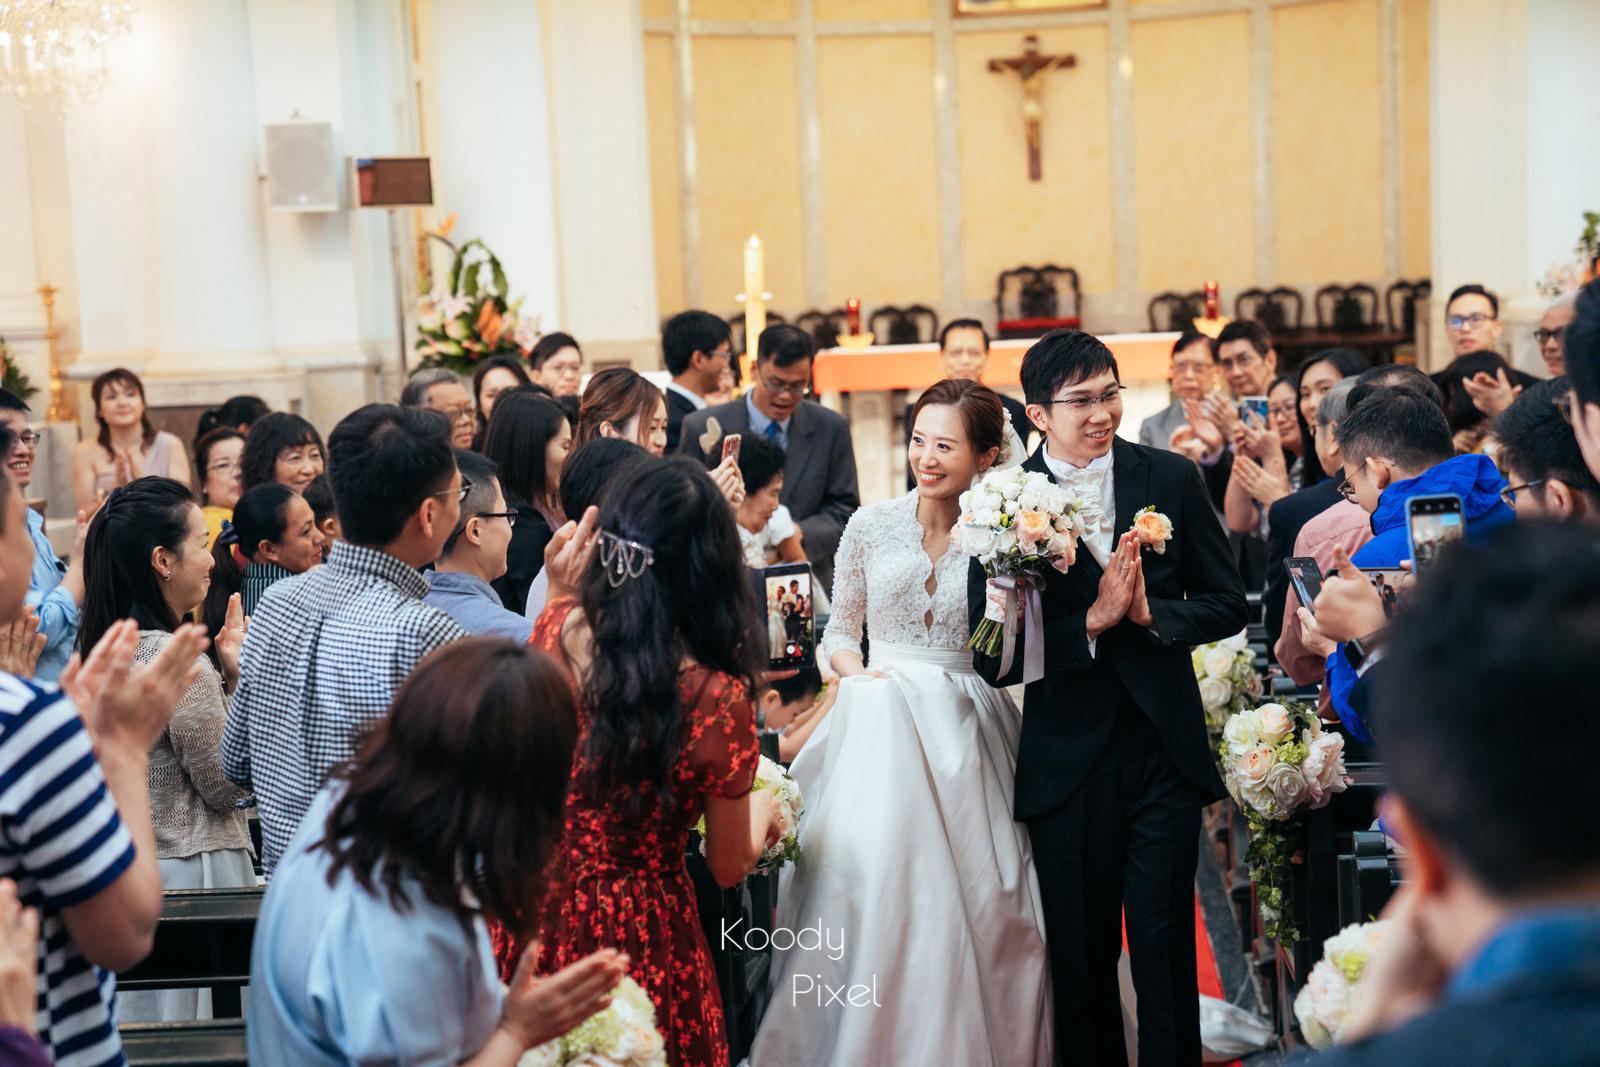 儀式完成,步出教堂接受朋友祝賀的一刻